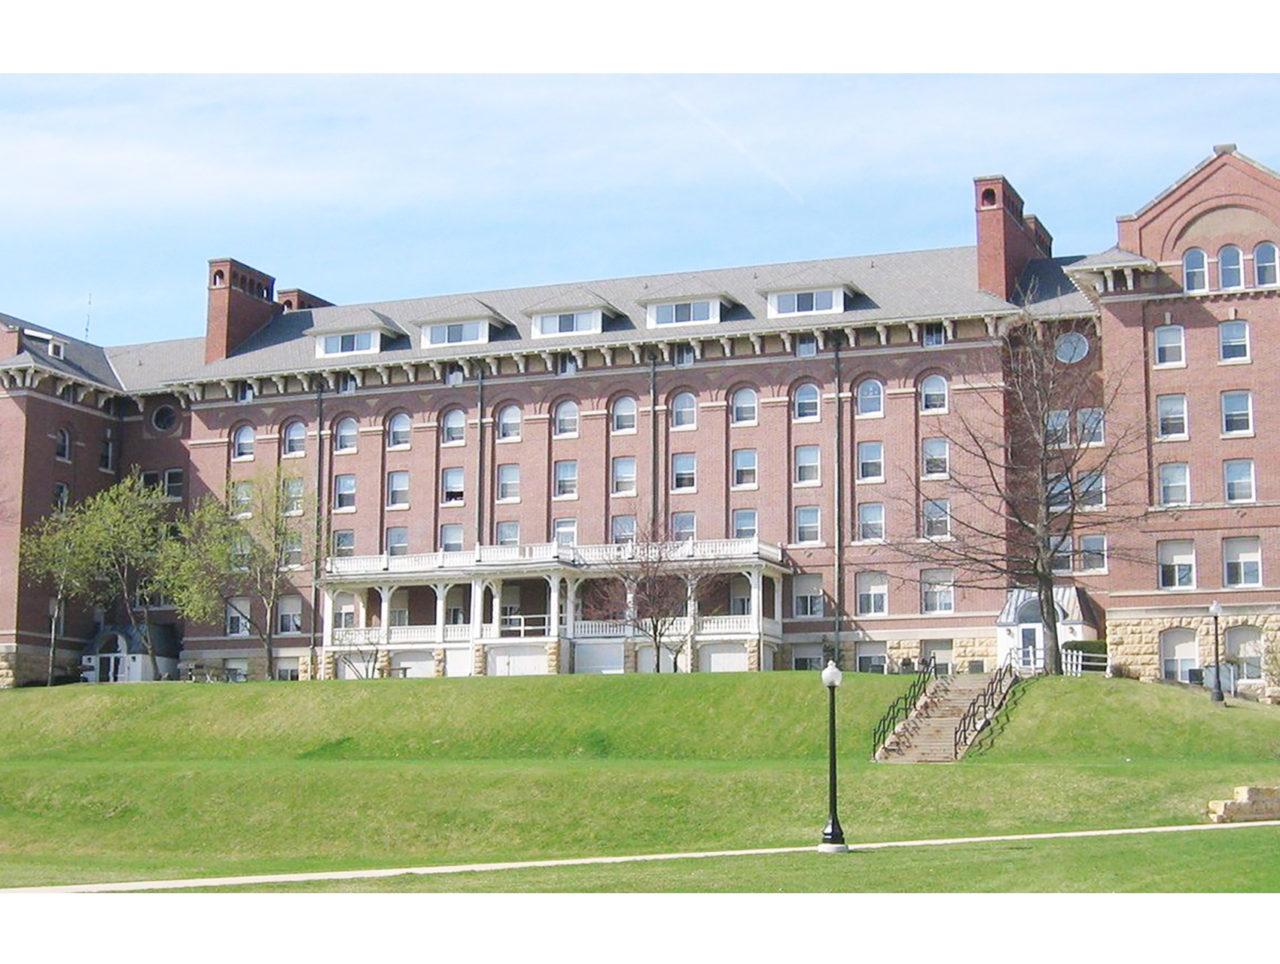 Keane Hall